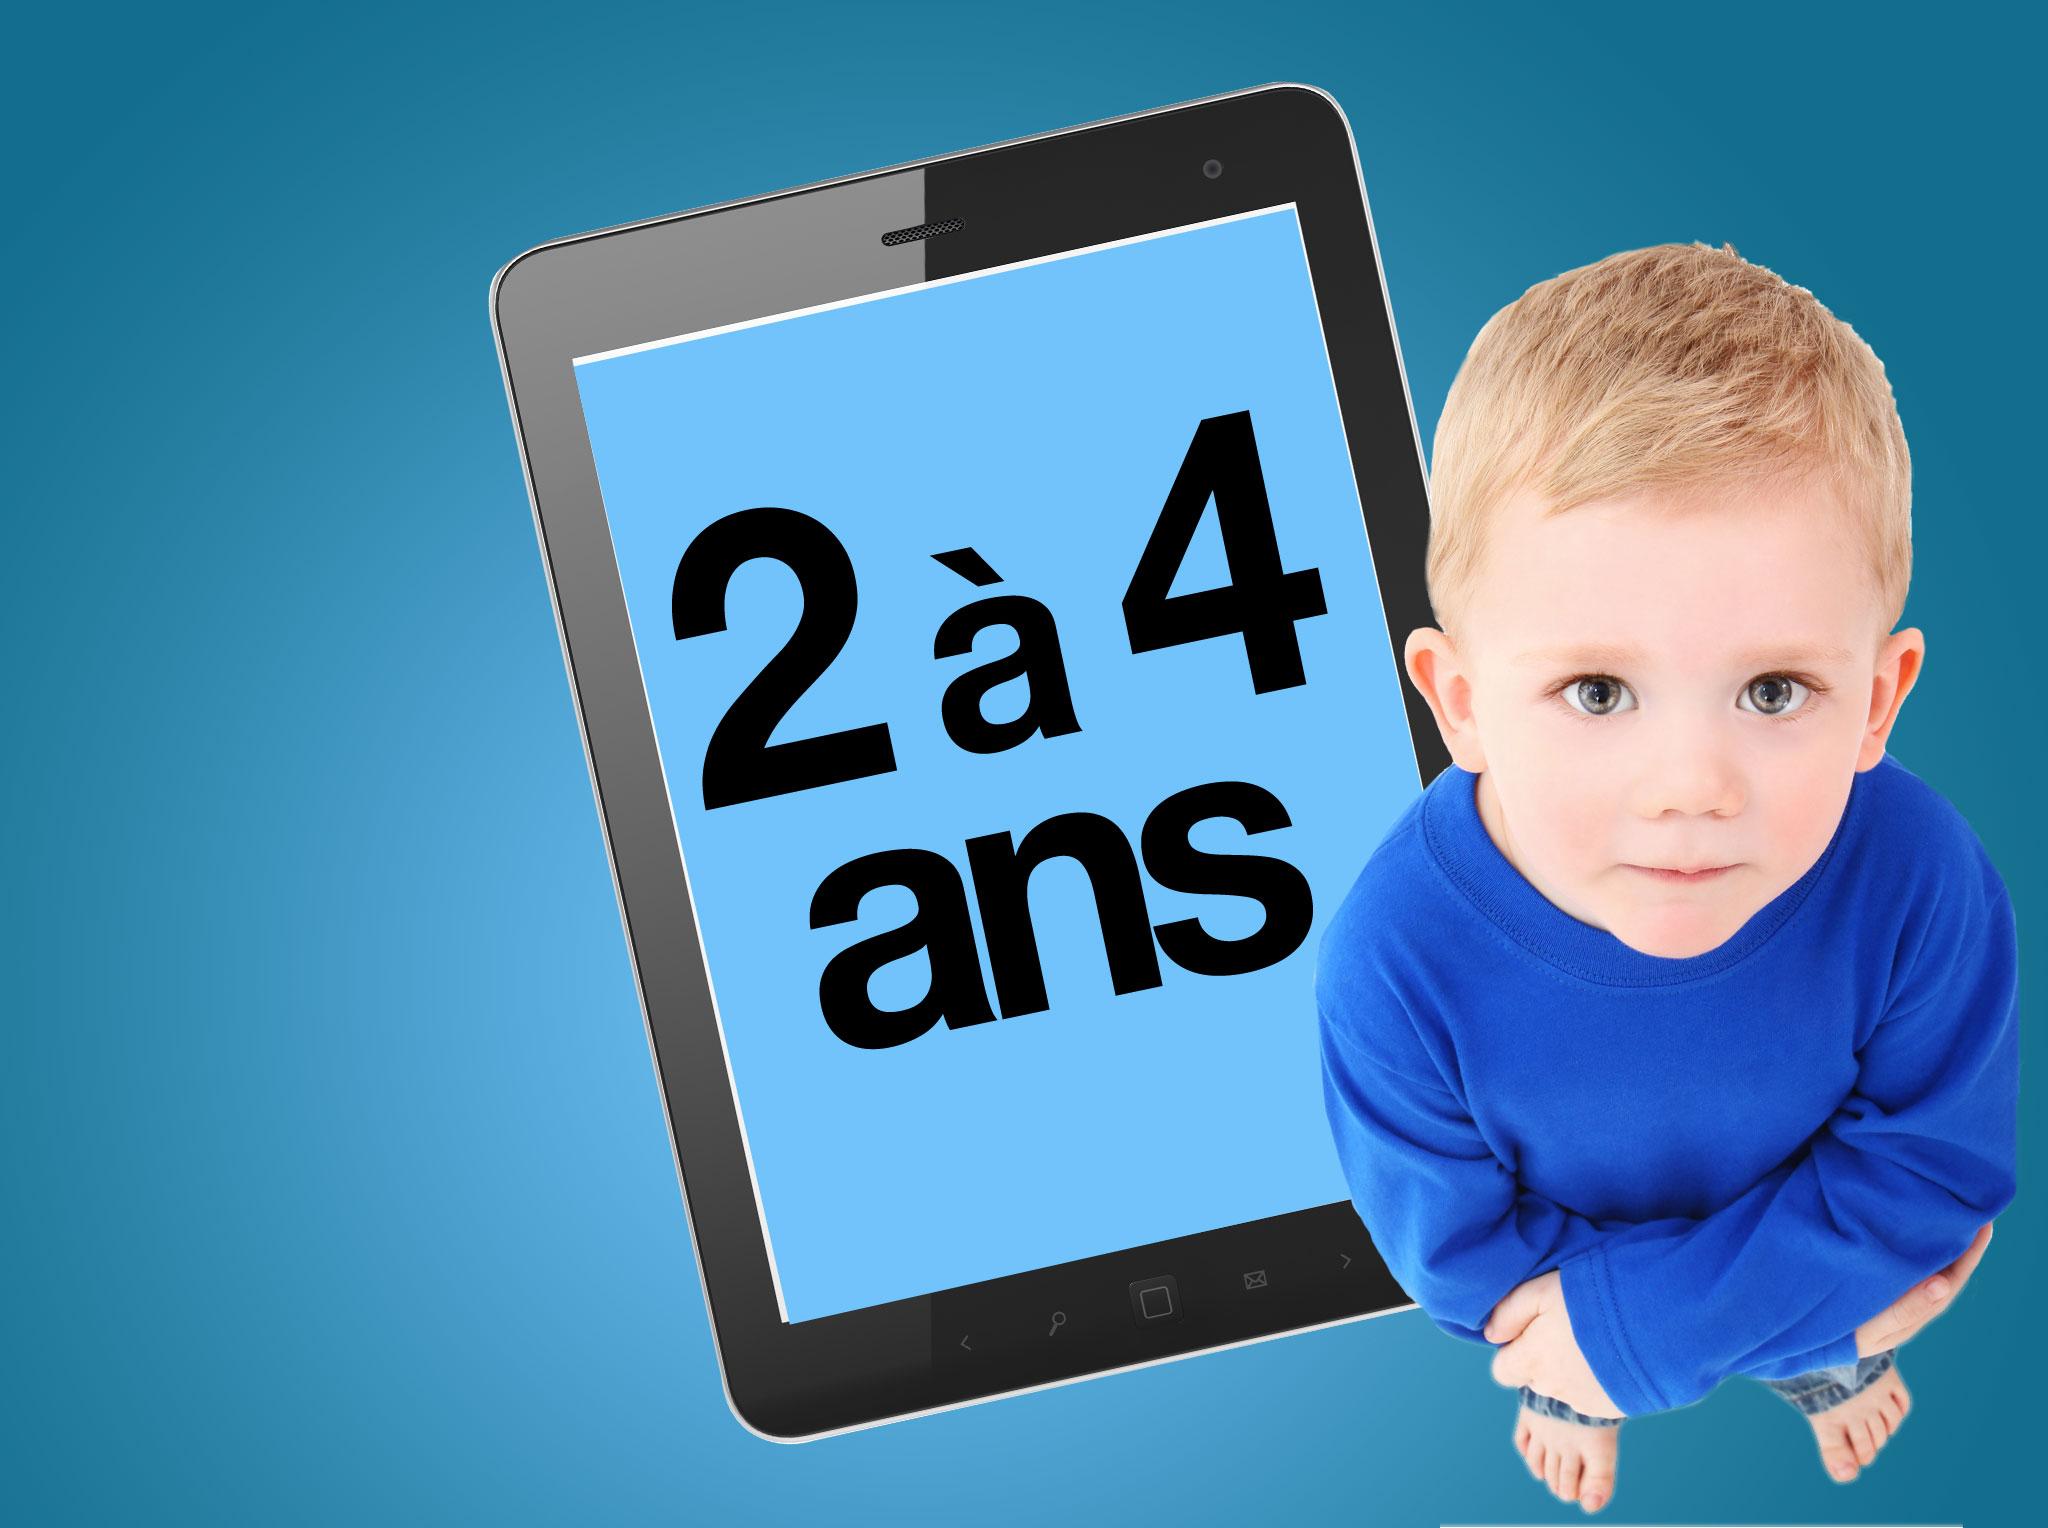 Jeux Sur Tablette: 64 Choix Pour Enfants | Protégez-Vous.ca avec Jeux Pour Bebe De 3 Ans Gratuit